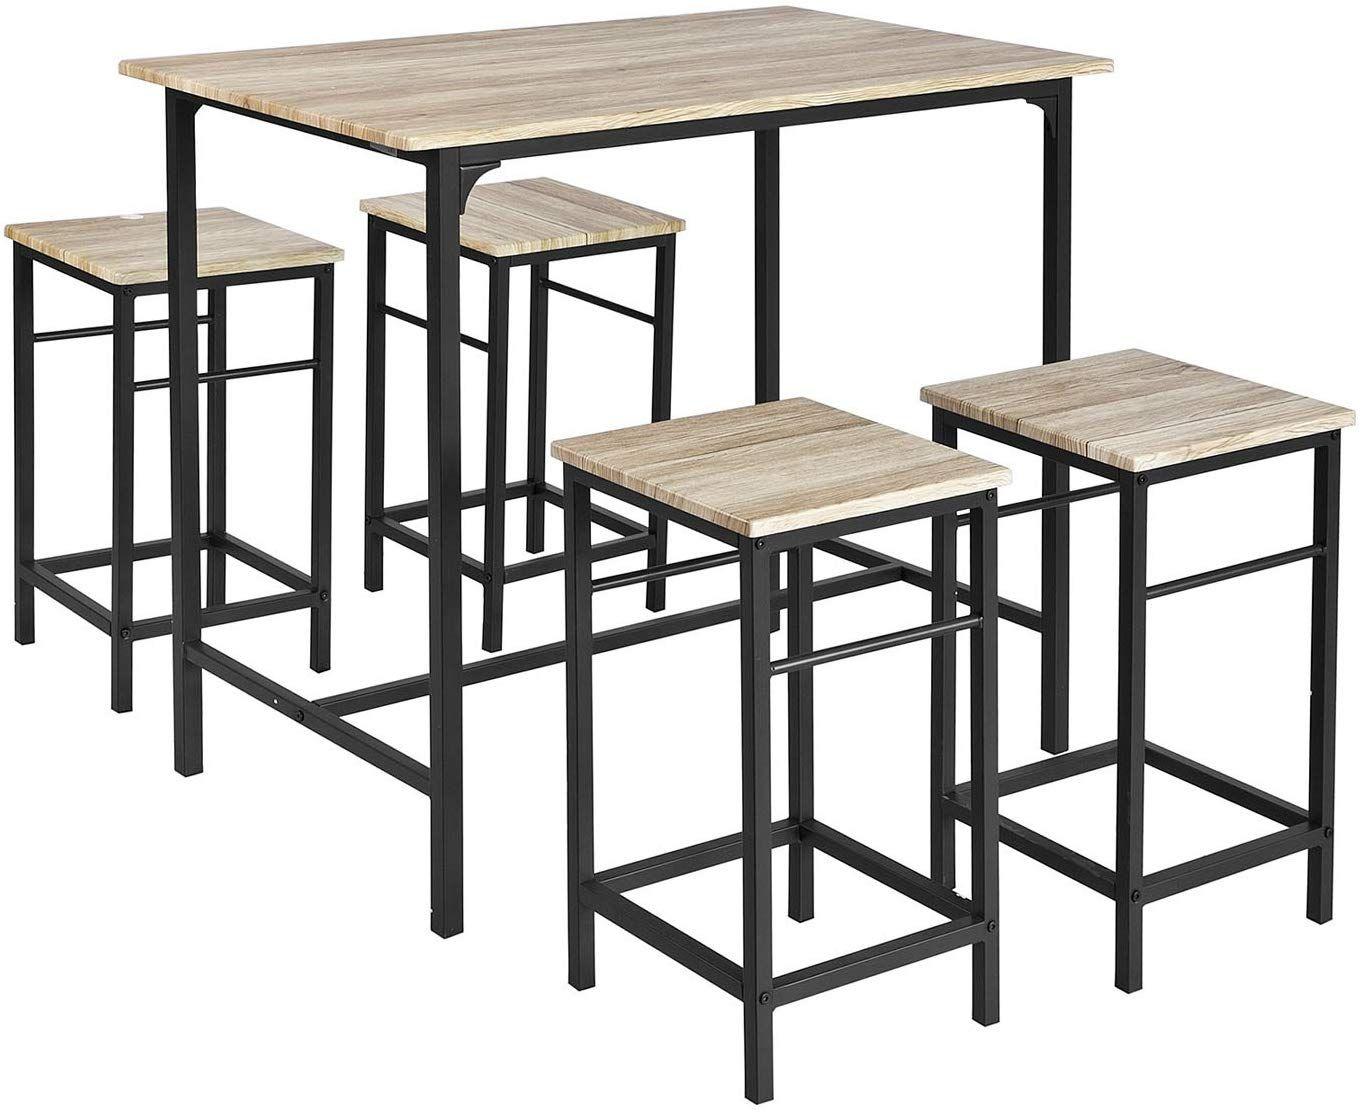 Sobuy Ogt11 N Bar Set 1 Bar Table And 4 Stools Home Kitchen Breakfast Bar Set Furniture Dining Set Amaz Bar Set Furniture Bar Table Dining Table With Bench